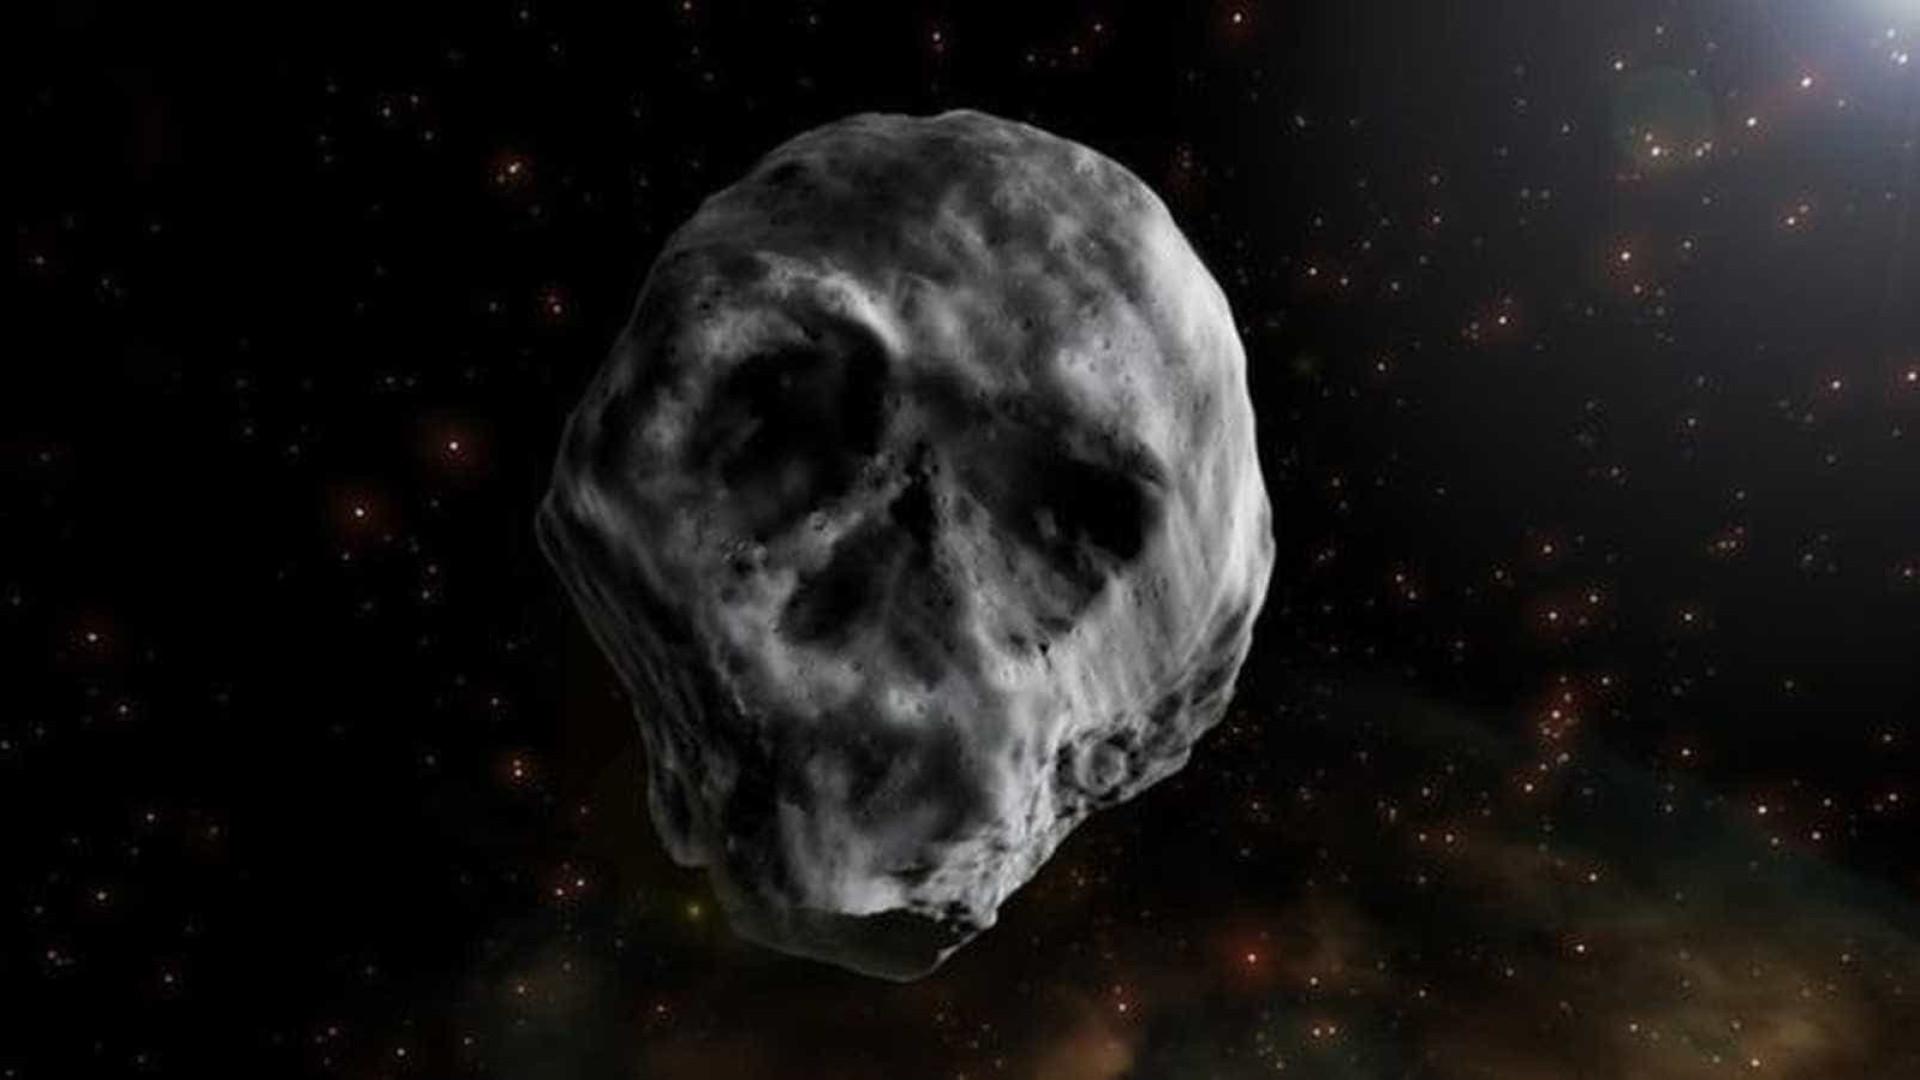 Asteroide em forma de caveira volta a passar perto da Terra em 2018